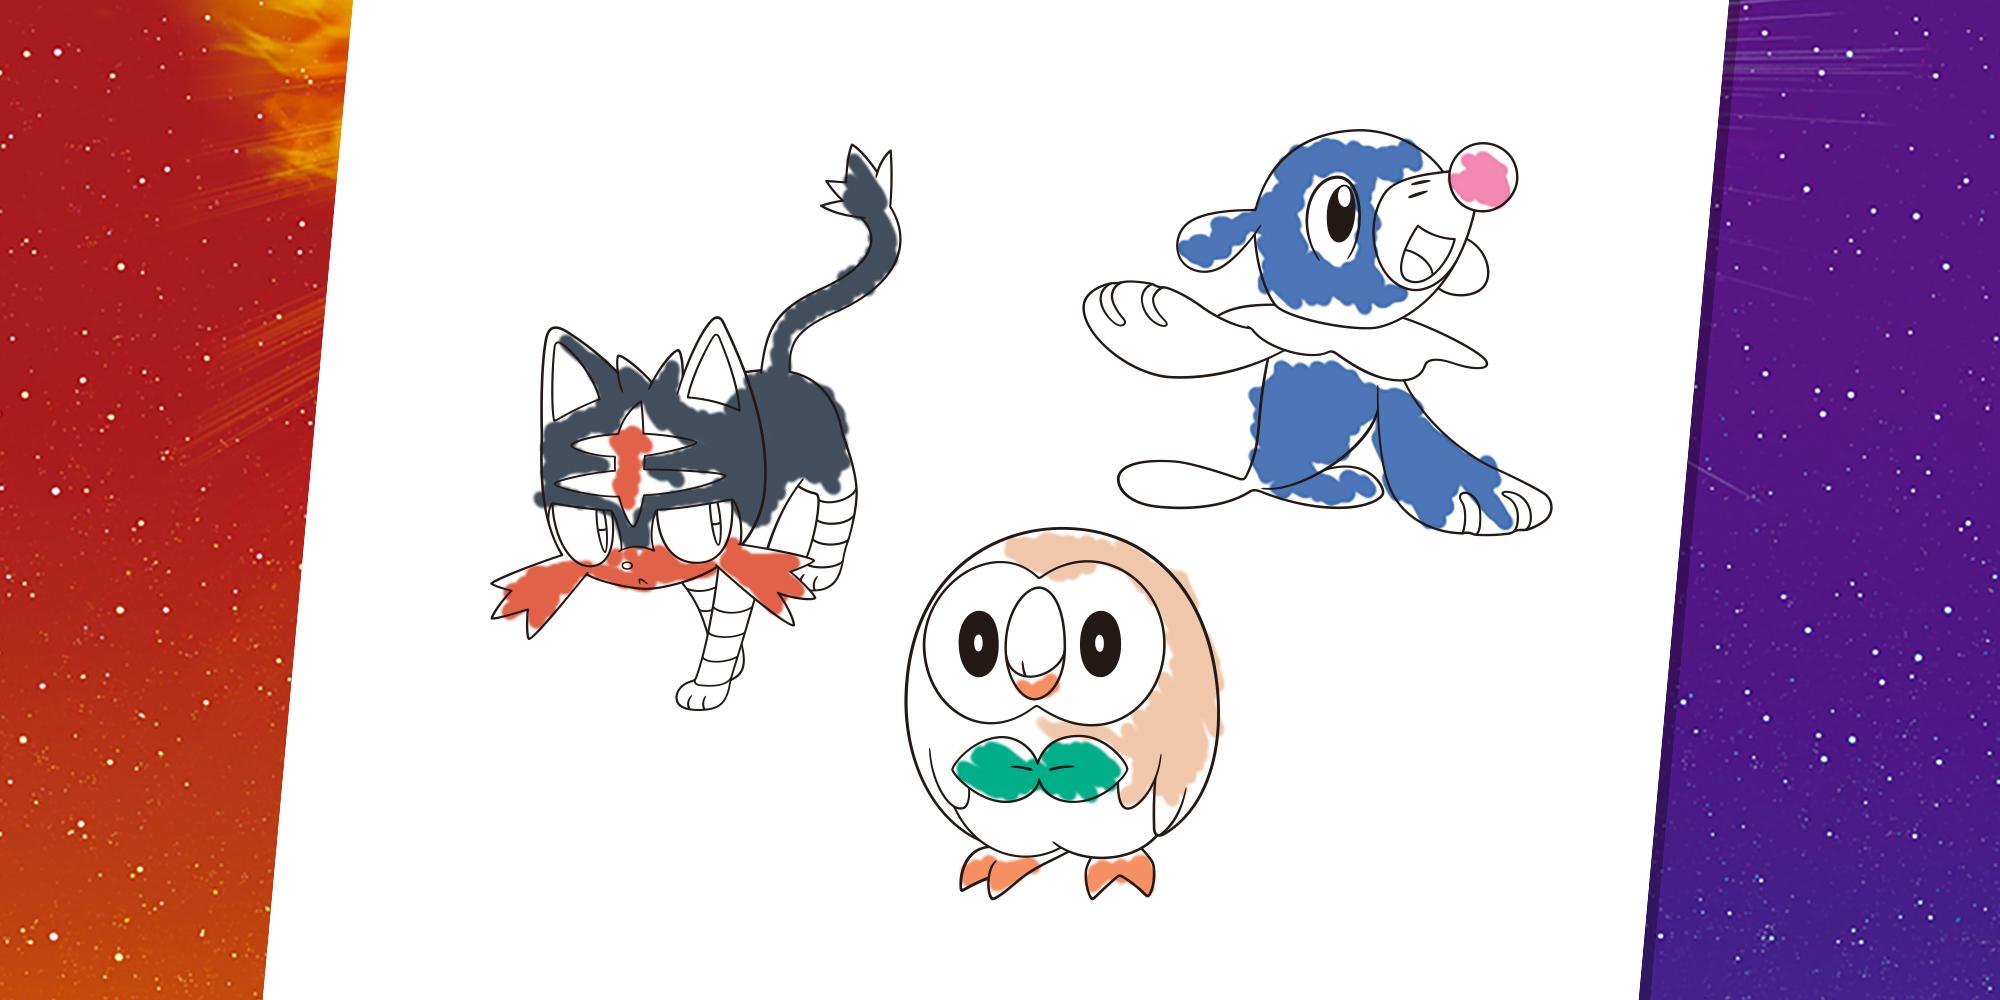 Pokémon Ausmalen | Nintendo Kids Club in Bilder Am Computer Ausmalen